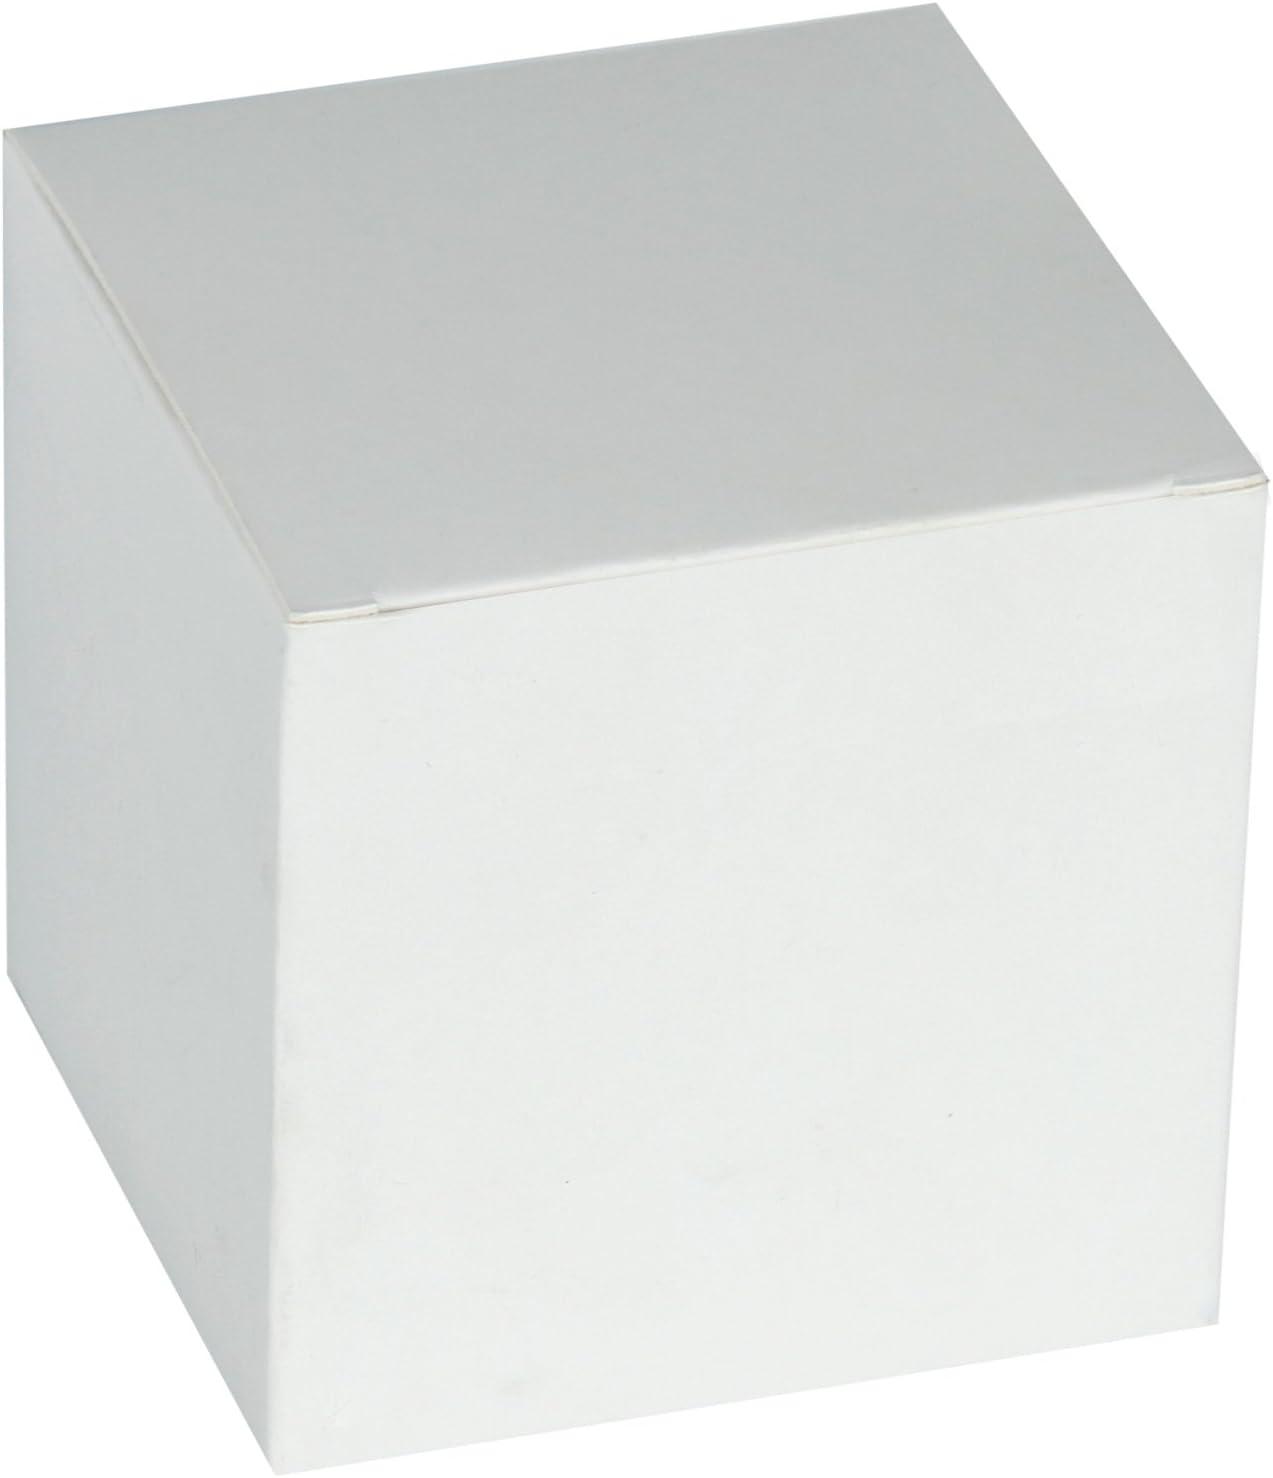 RUSPEPA Cajas De Regalo De Cartón Reciclado - Caja De Regalo Decorativa Mediana con Tapas para Regalos Y Cupcakes - 20.5X20.5X15.5 Cm - Paquete De 10, Blanco: Amazon.es: Juguetes y juegos